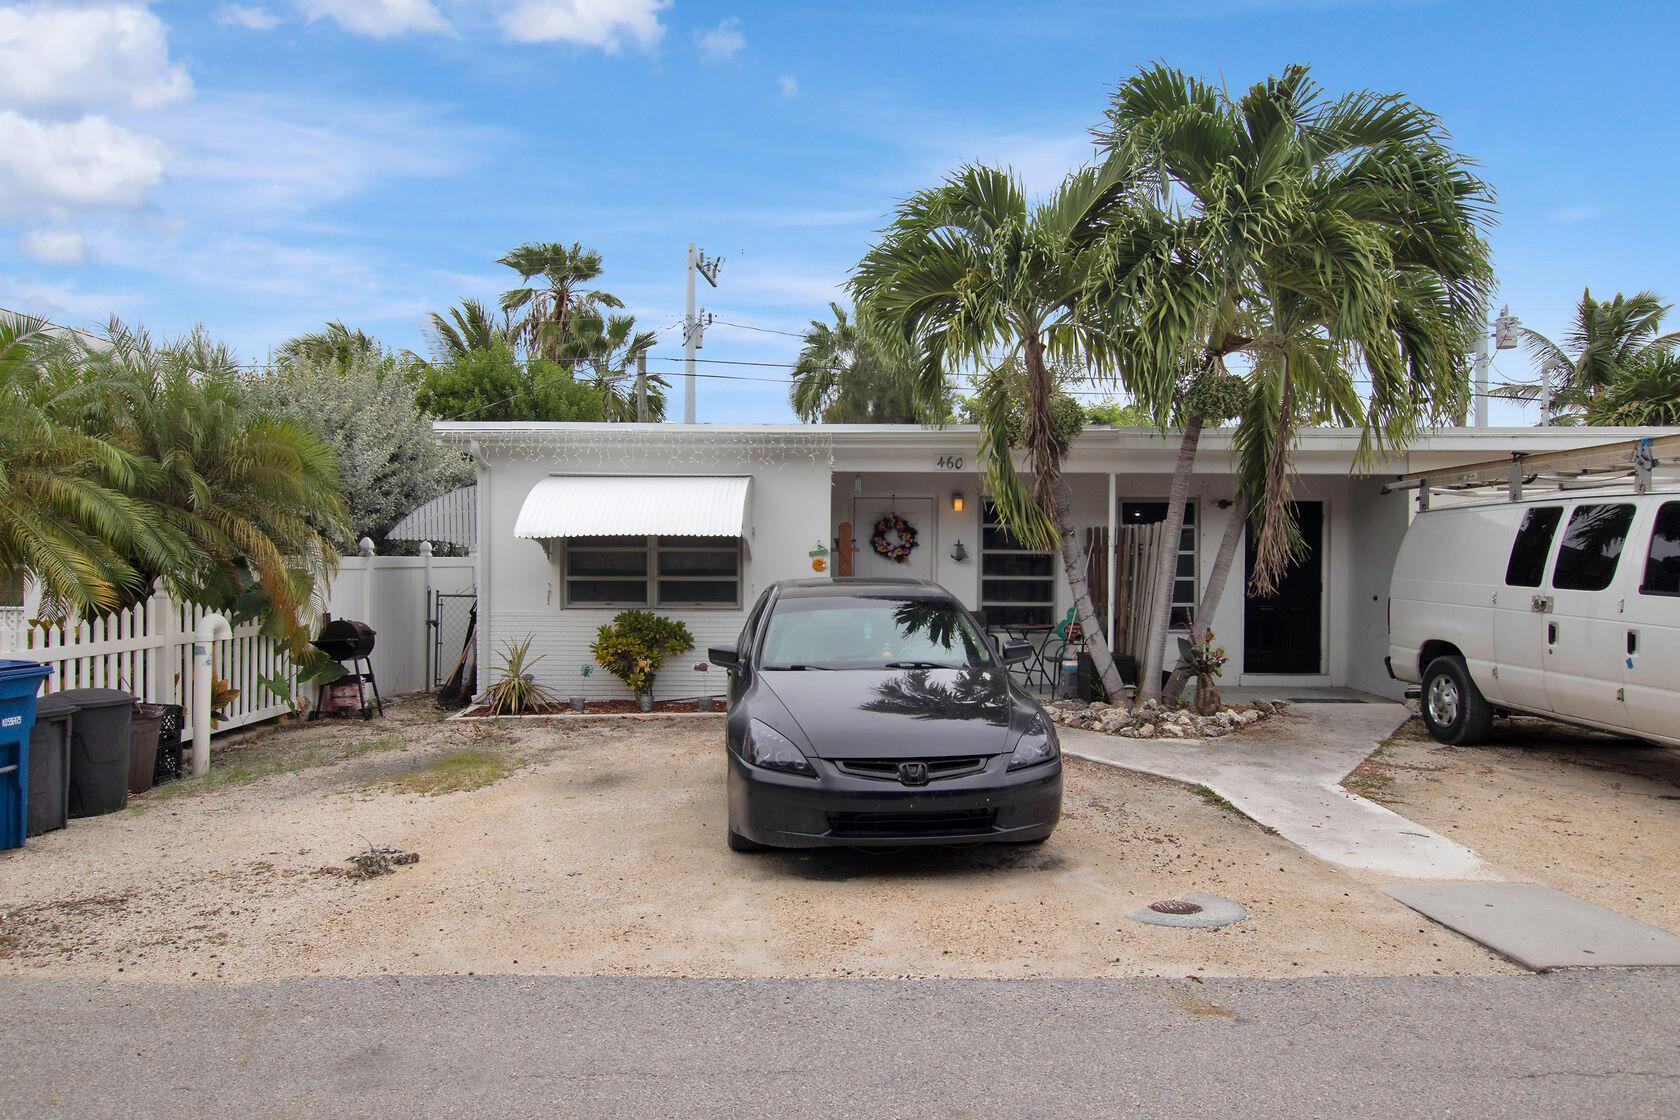 460 17th Ct Gulf Property Photo 1